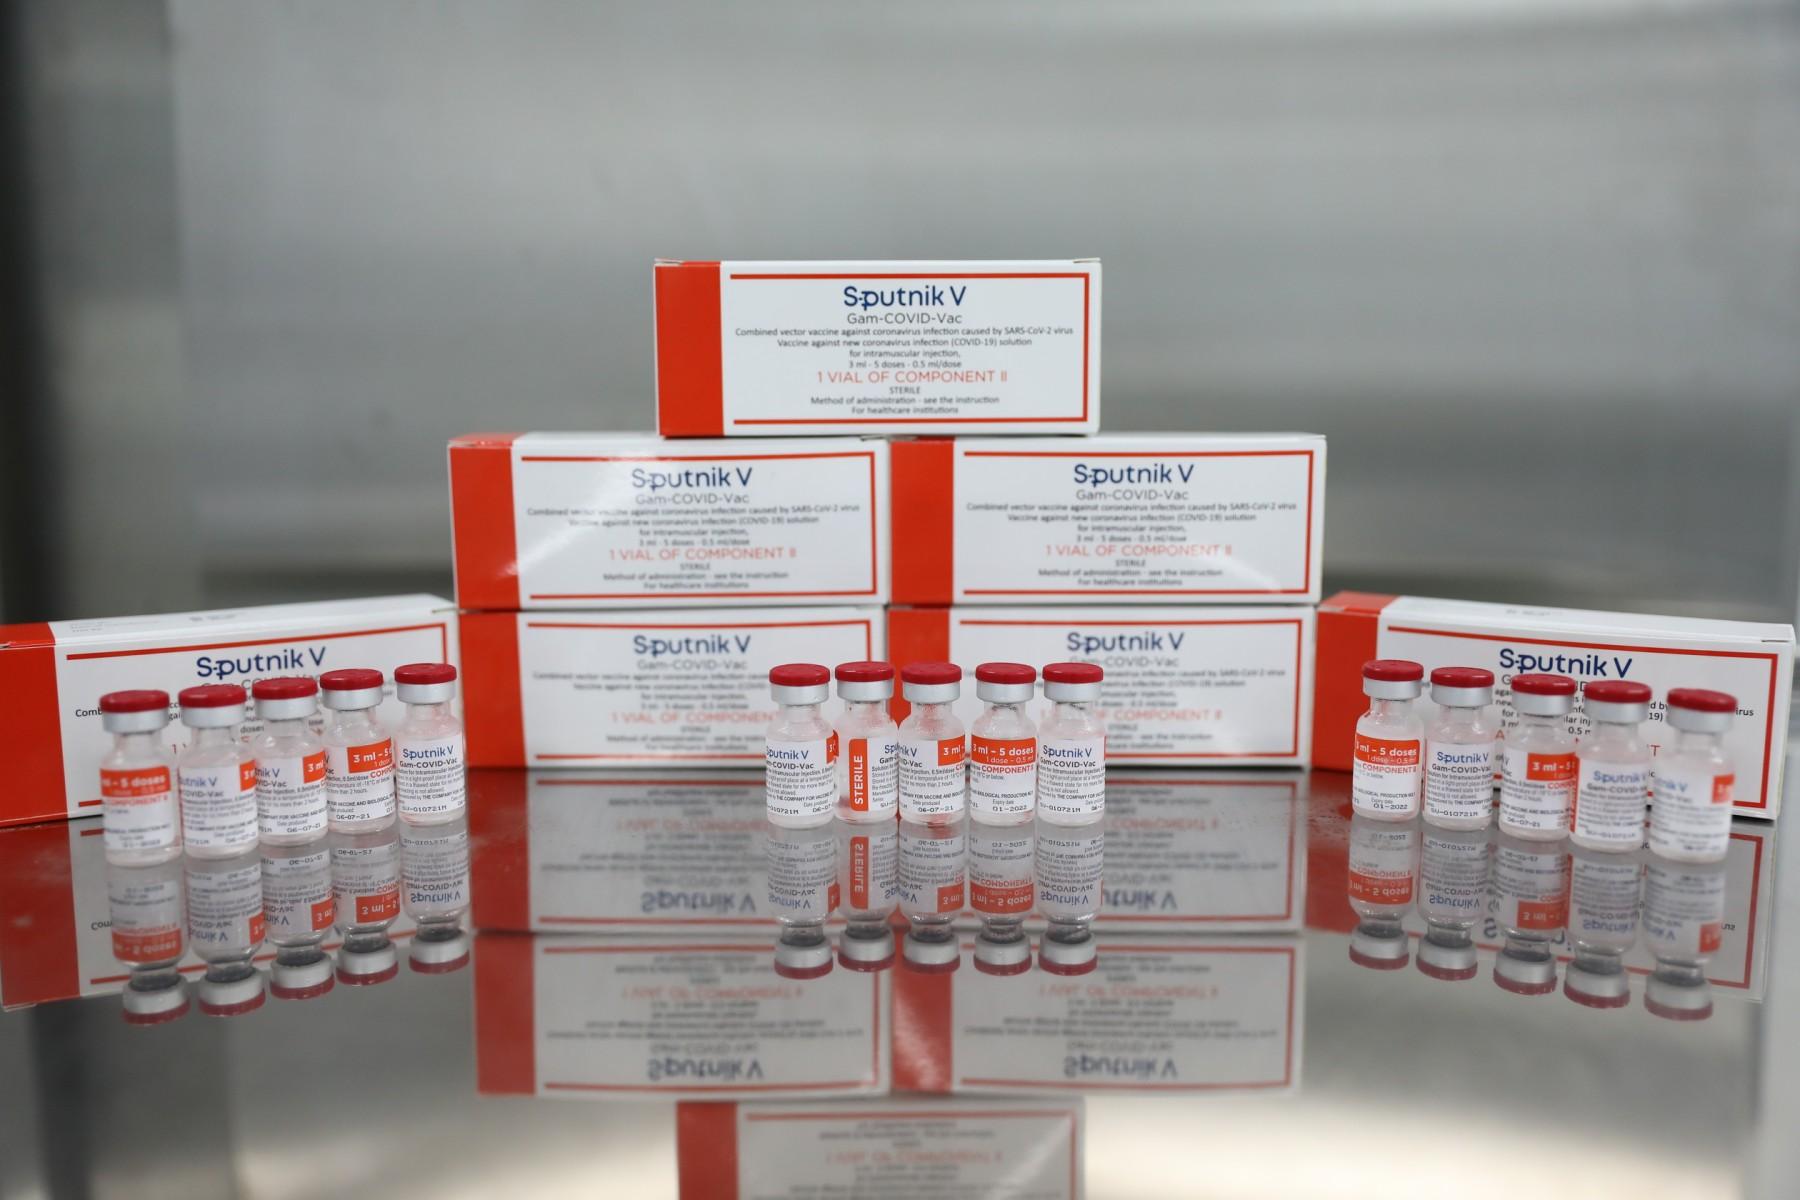 Việt Nam sản xuất thành công lô vắc xin Sputnik V đầu tiên - Ảnh 1.